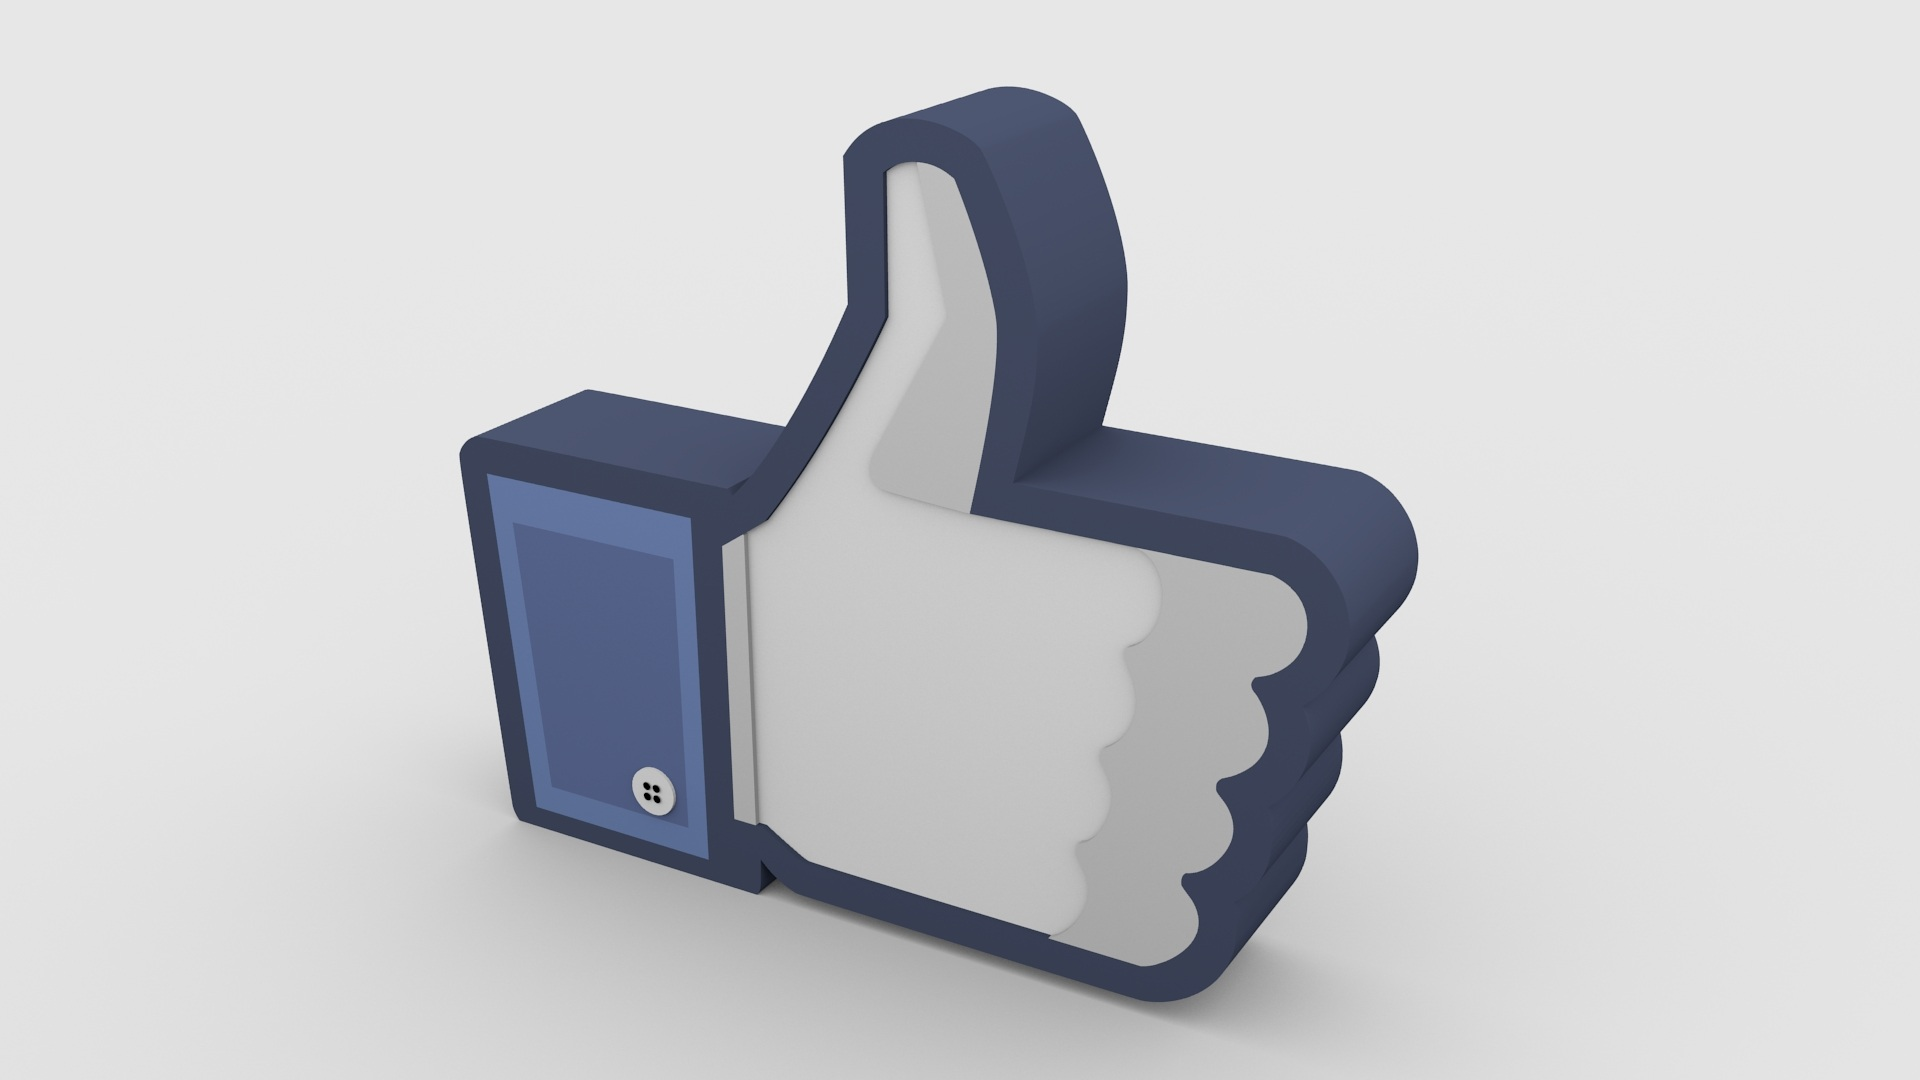 arbeiten von zu hause, facebook ads, facebook werbeanzeigen, jakob hager, online business, online geld verdienen, said shiripour, schnell geld verdienen, traffic